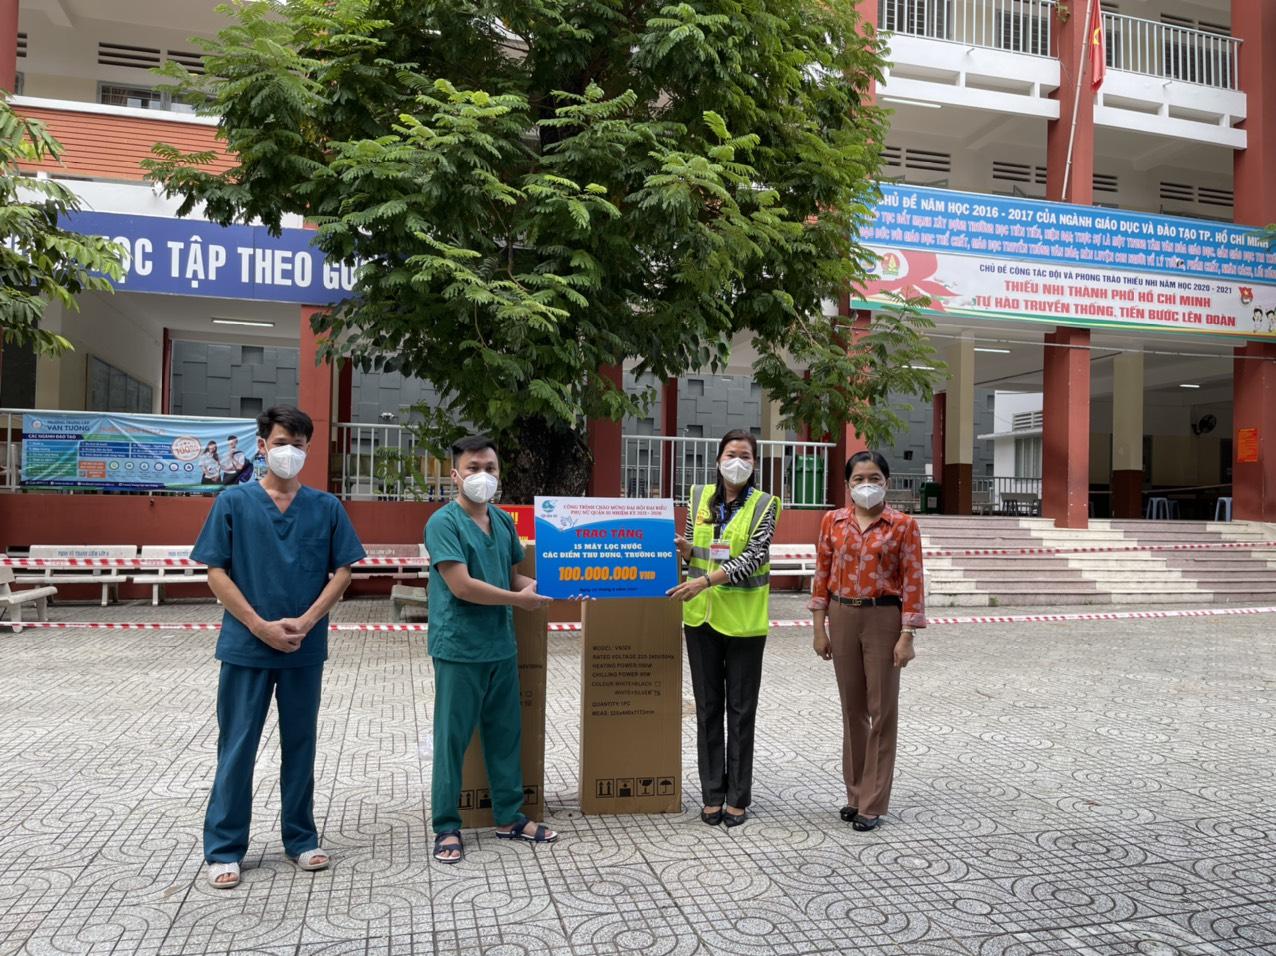 Lực lượng y tế tại điểm thu dung trường THCS Hoàng Văn Thụ tiếp nhận 4 máy lọc nước từ Hội LHPN Q.10